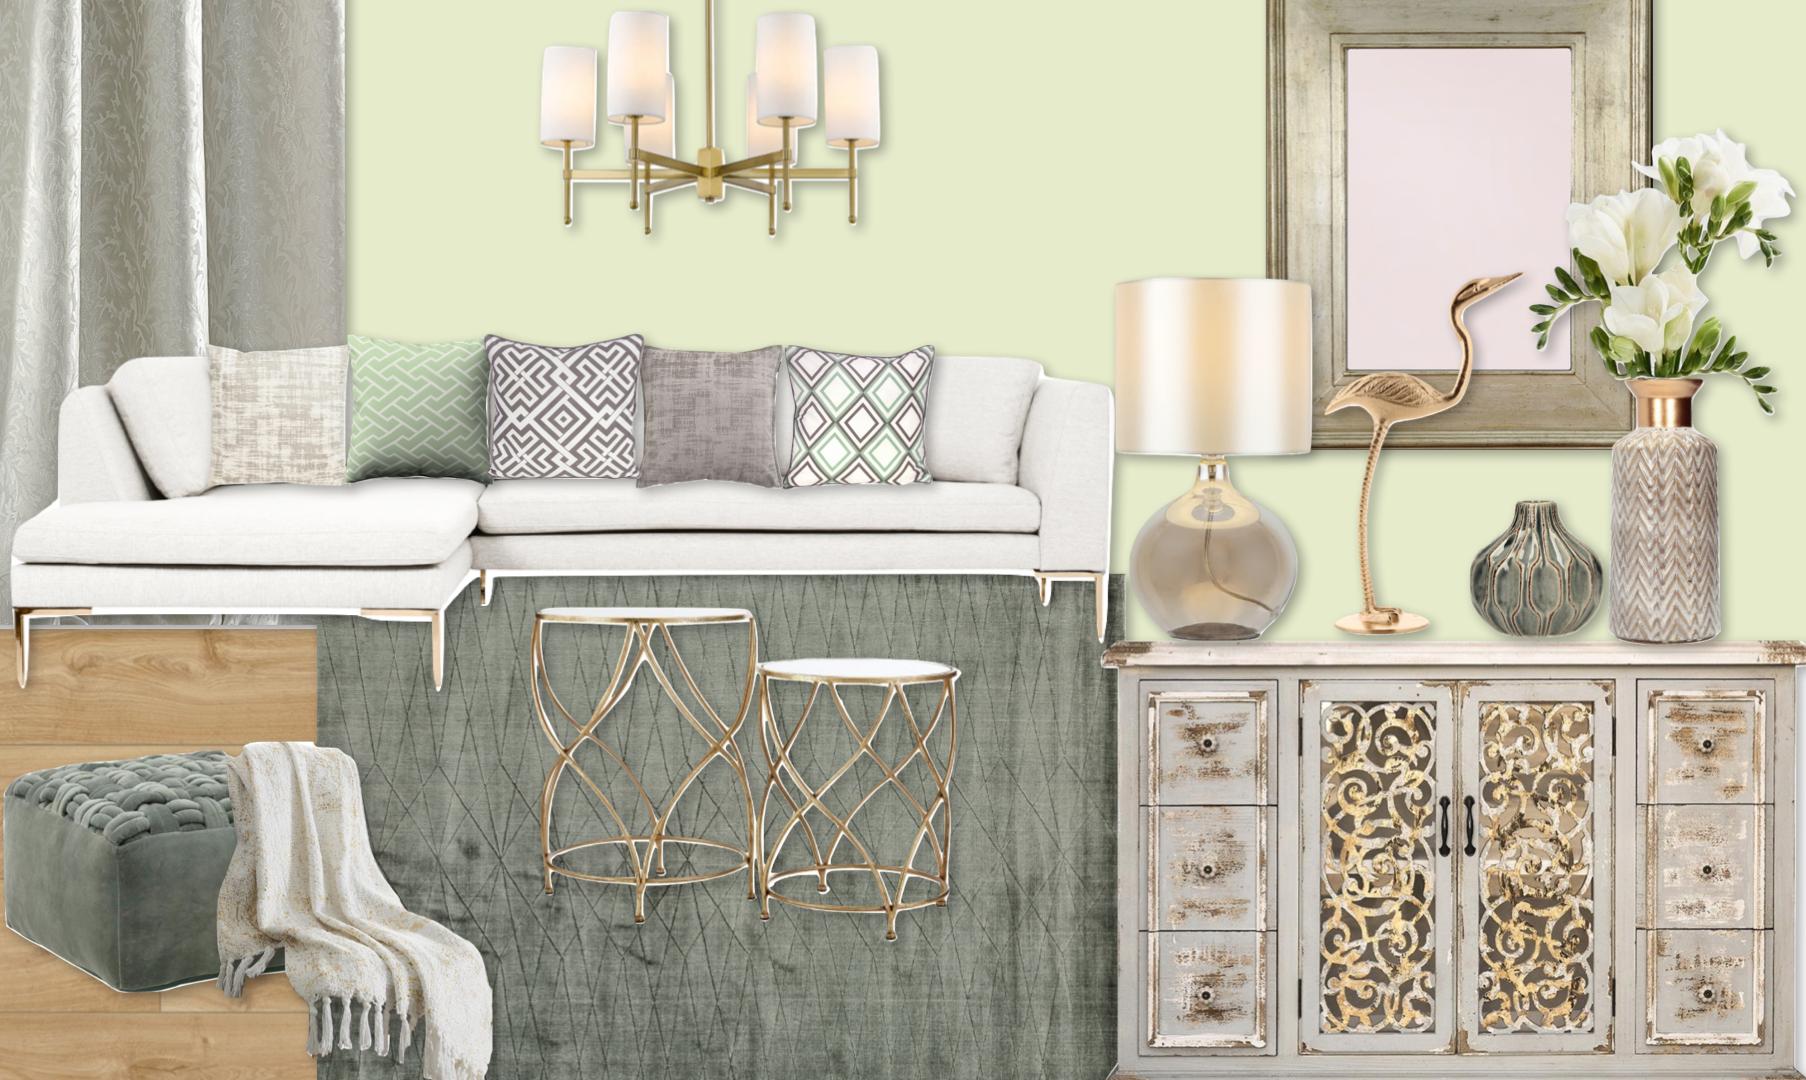 Włoska elegancja  Miekka zieleń otoczona w złote dodatki, antyczny buffet dolny jest pieknym umeblowaniem a jasna sofa z odpowiednimi wzorami poduszek bedzie eleganckim miejscem zarówno do odpoczyku jak i przyjmowania gości.